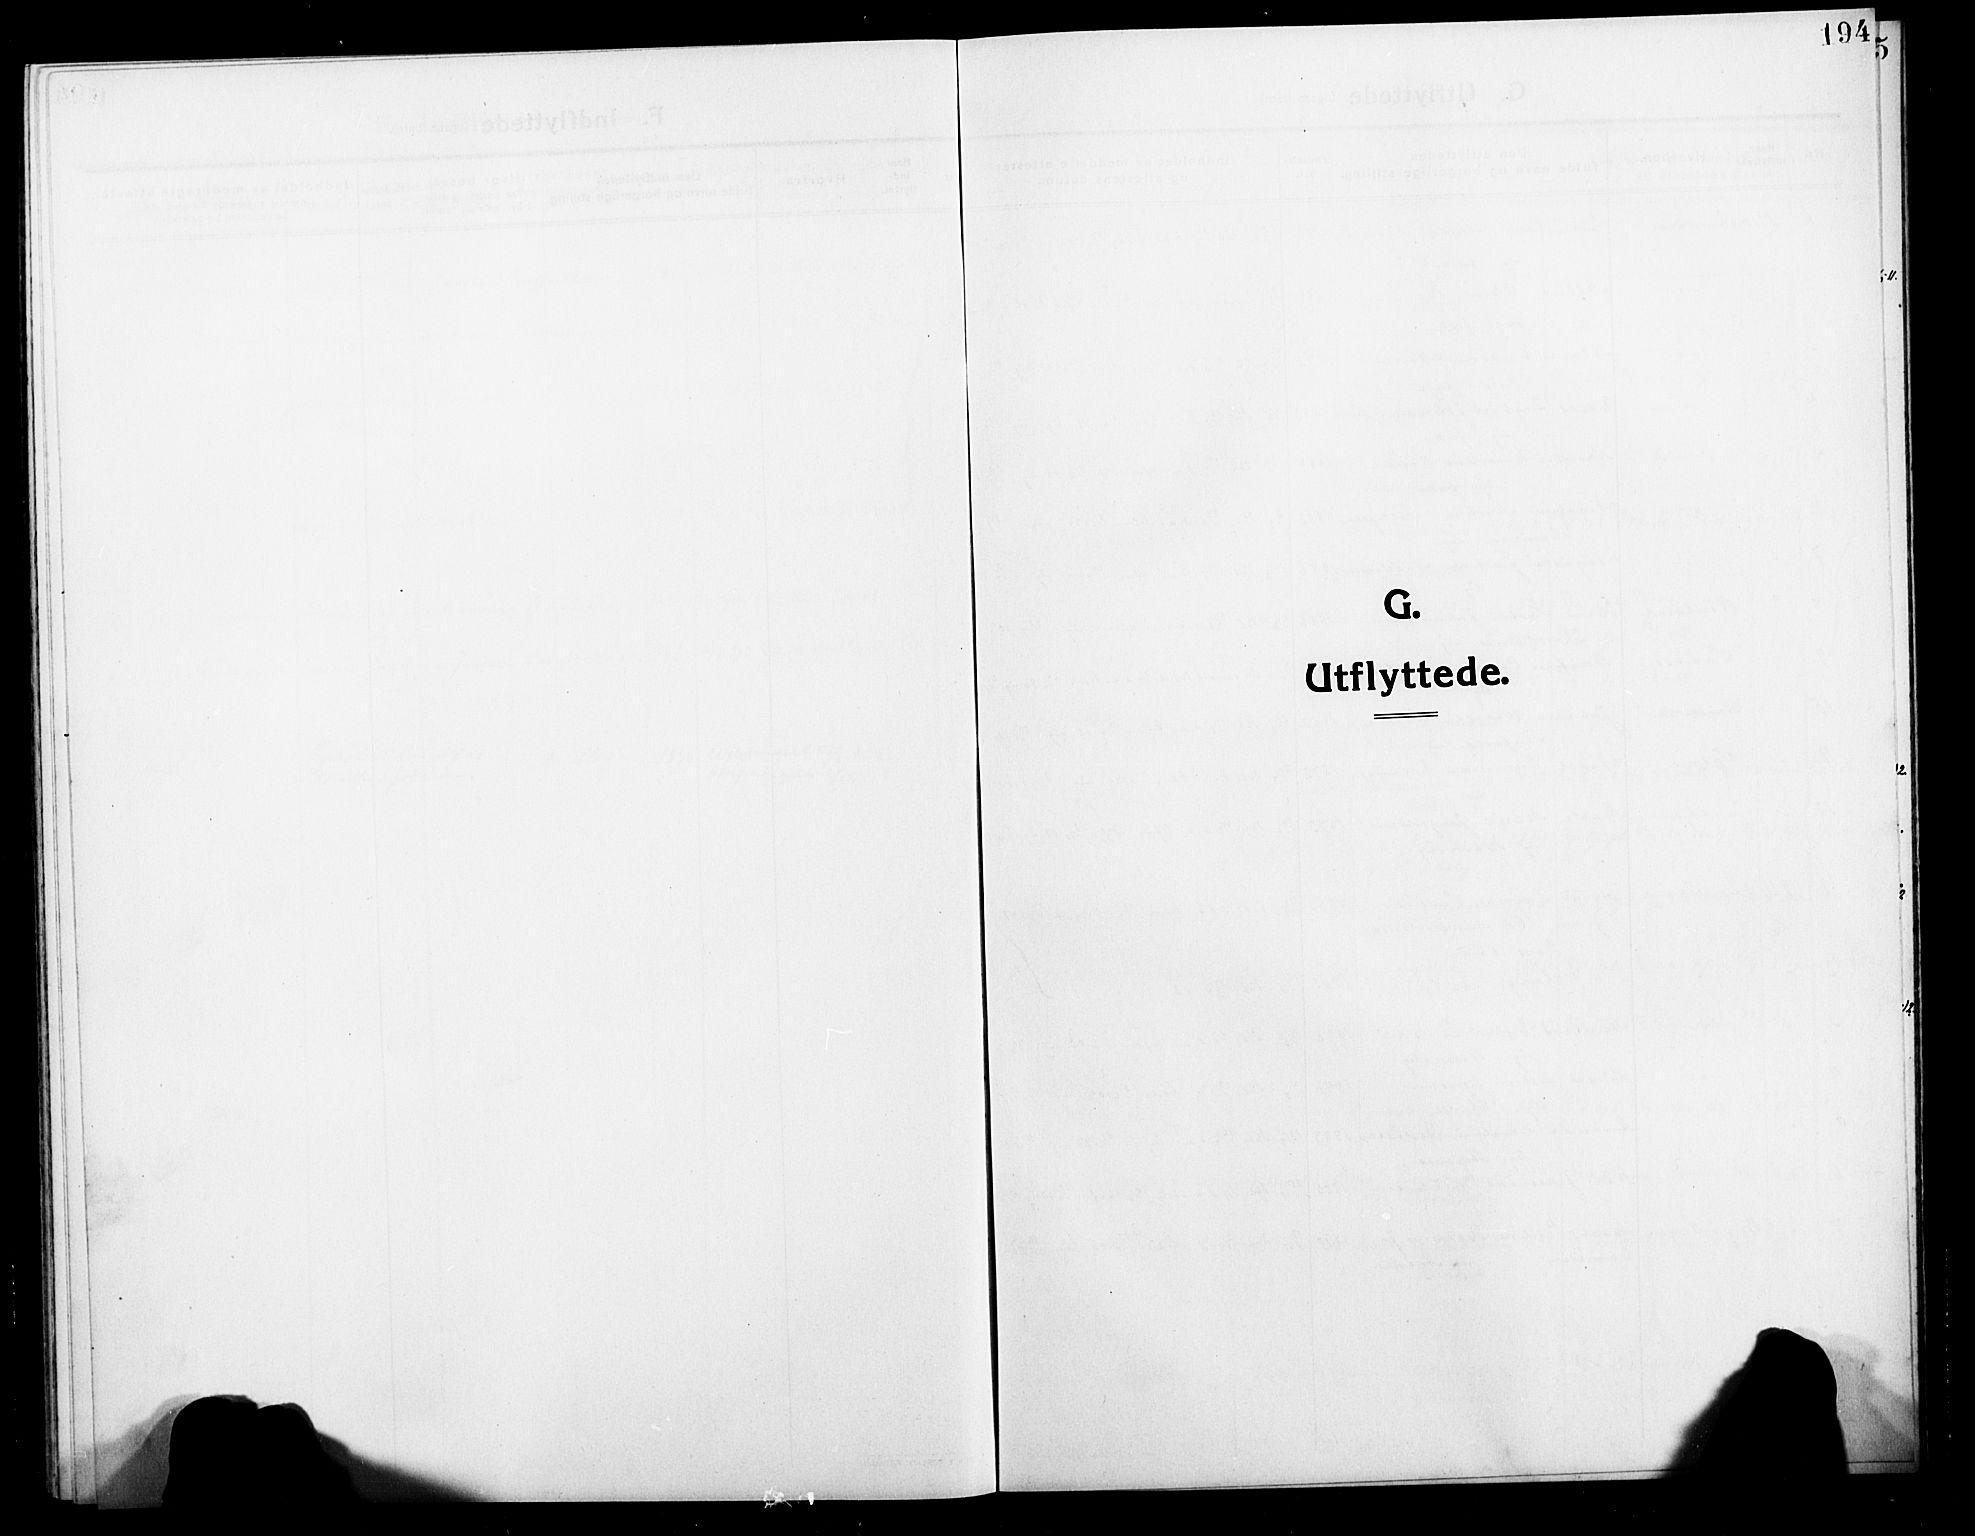 SATØ, Balsfjord sokneprestembete, Klokkerbok nr. 4, 1910-1926, s. 194